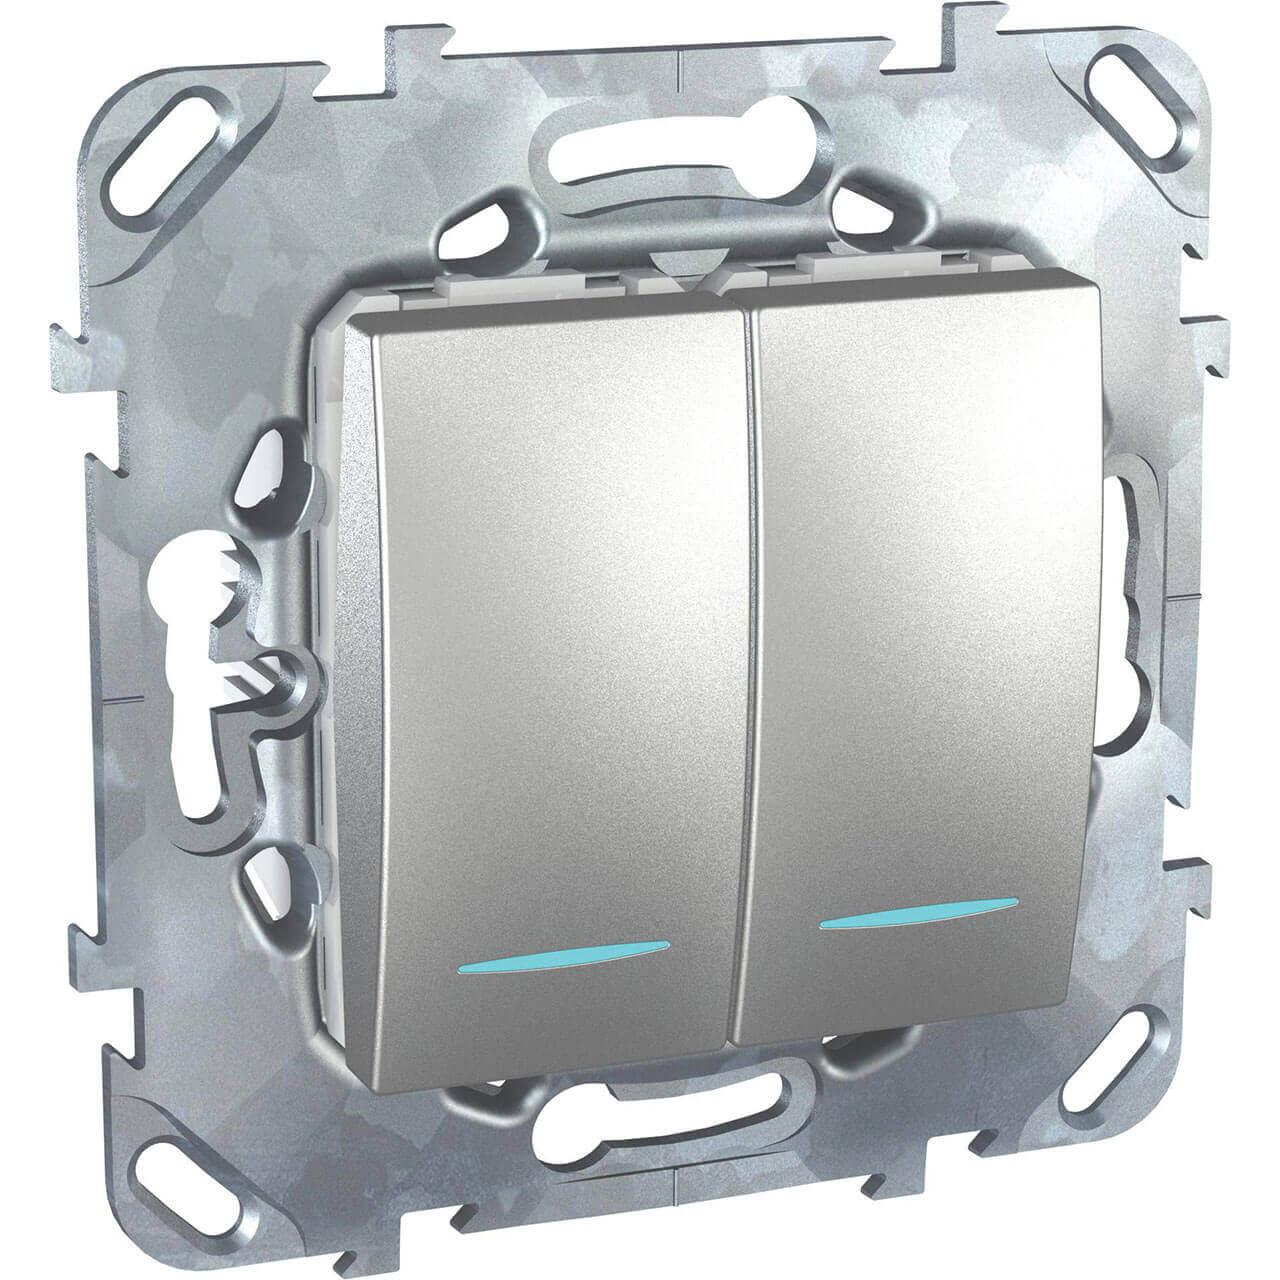 Выключатель Schneider Electric MGU5.0101.30NZD Unica Top (Подходит под рамки Unica Top, Unica Class)